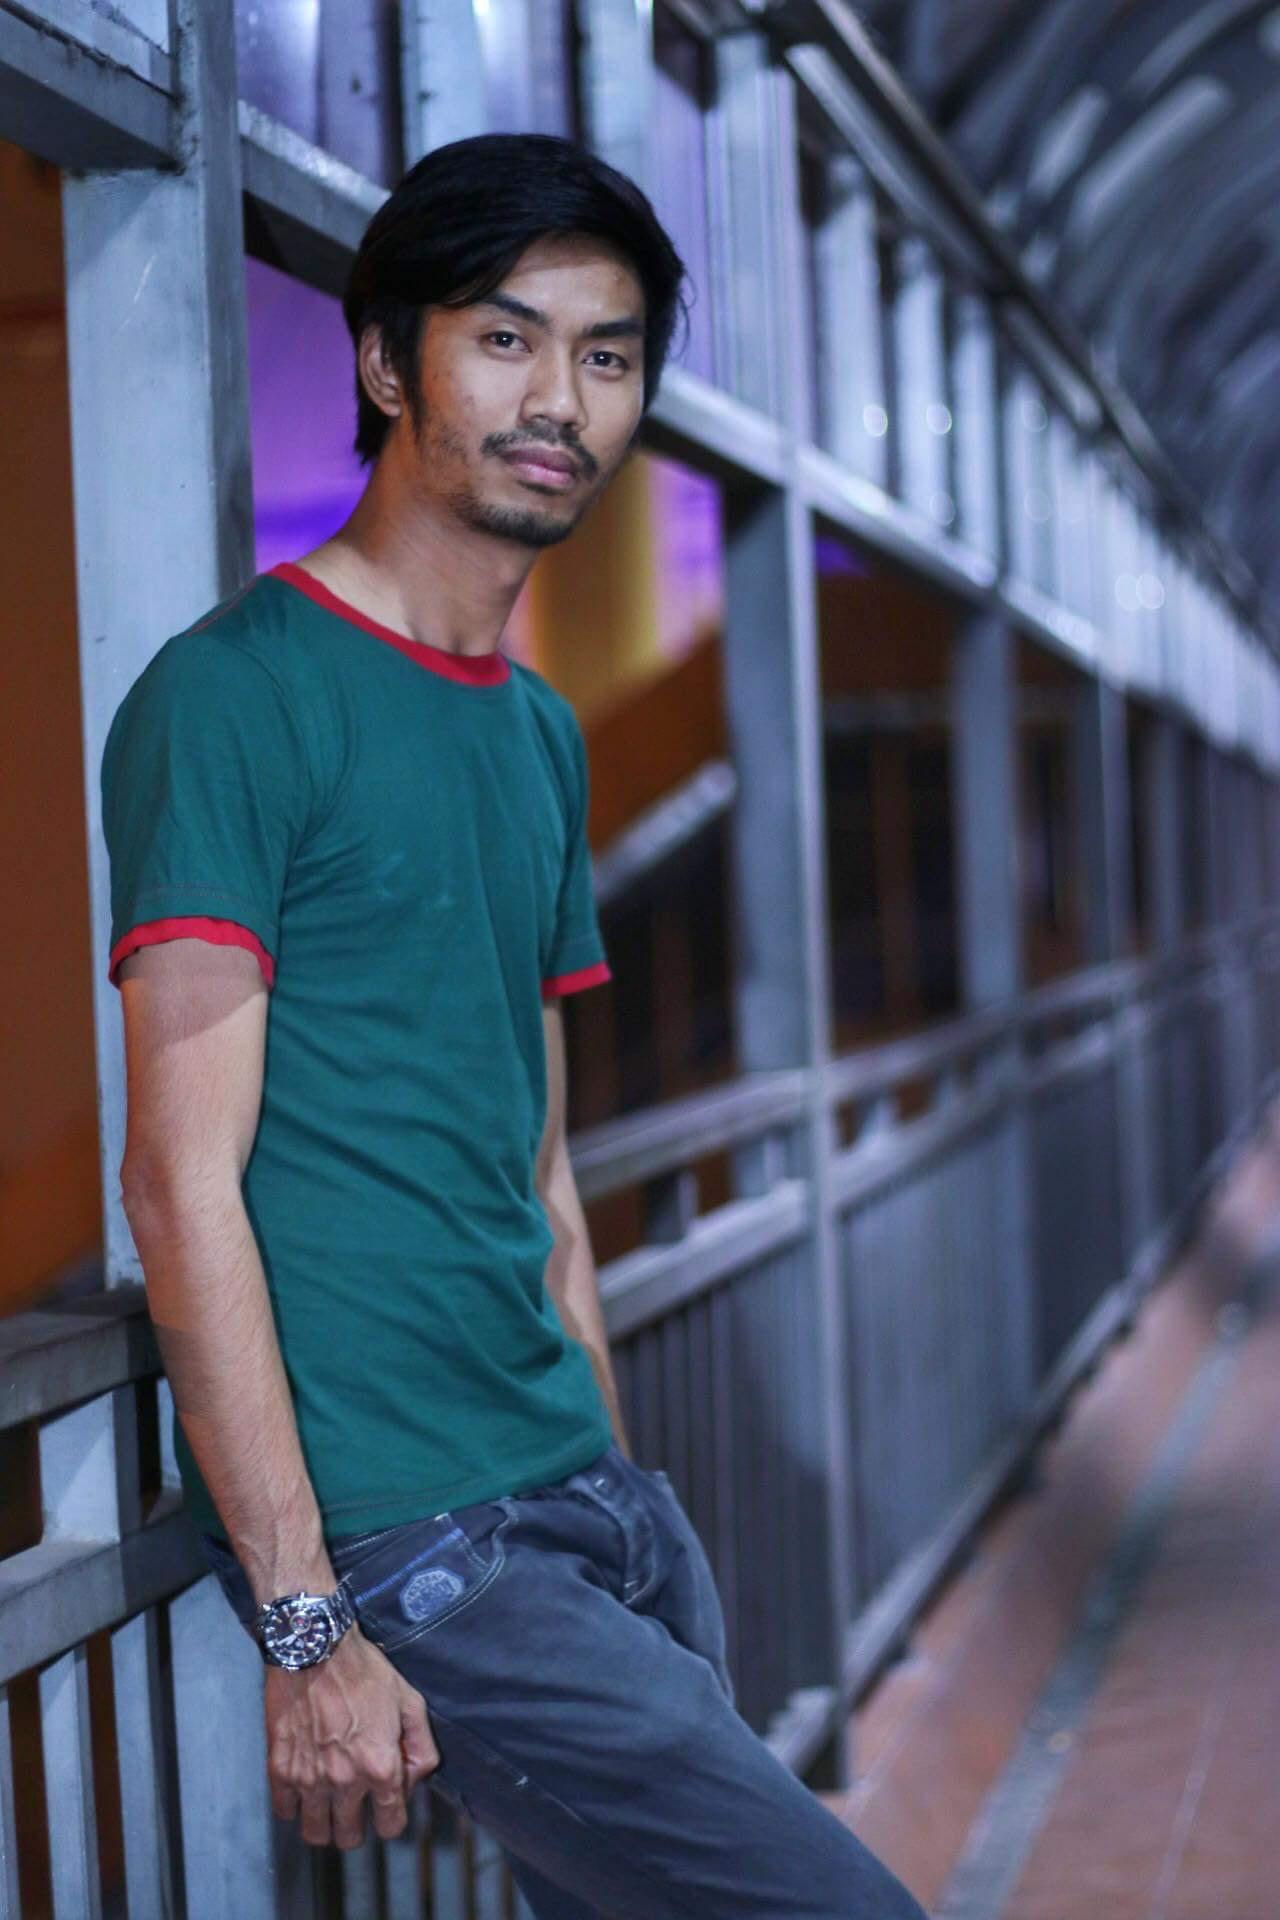 Go to Ye Zaw's profile